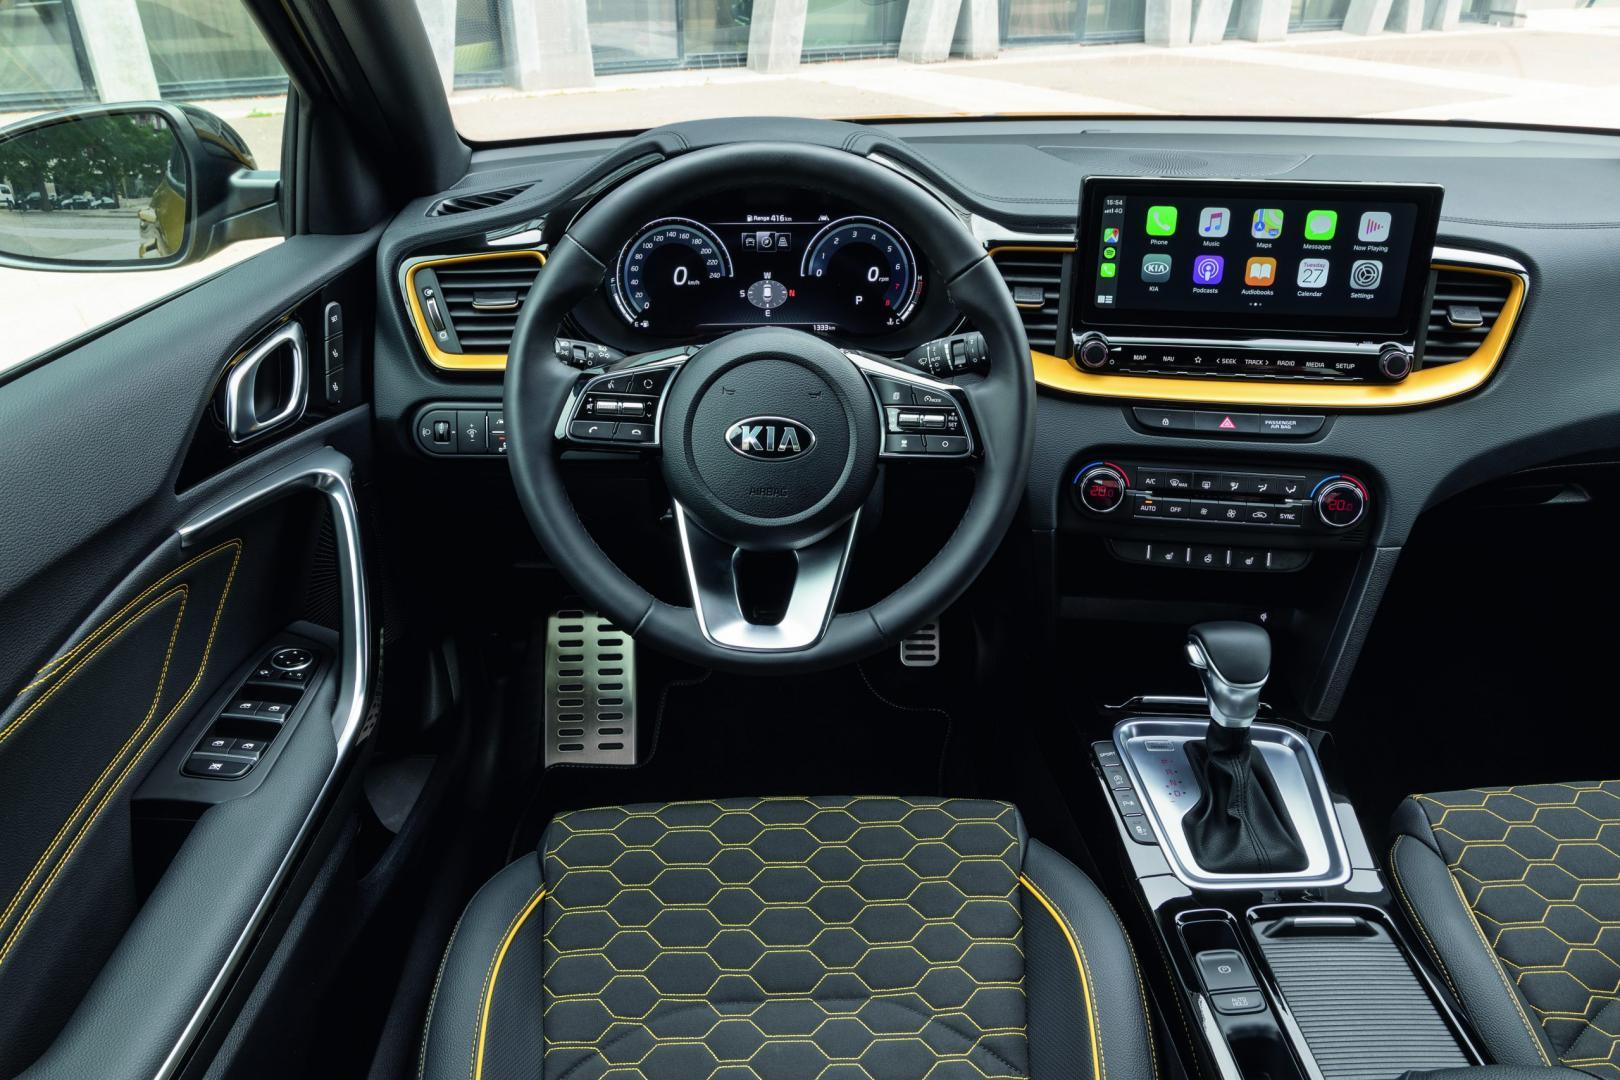 Kia XCeed 1.4 T-GDi ExecutiveLine (2020)